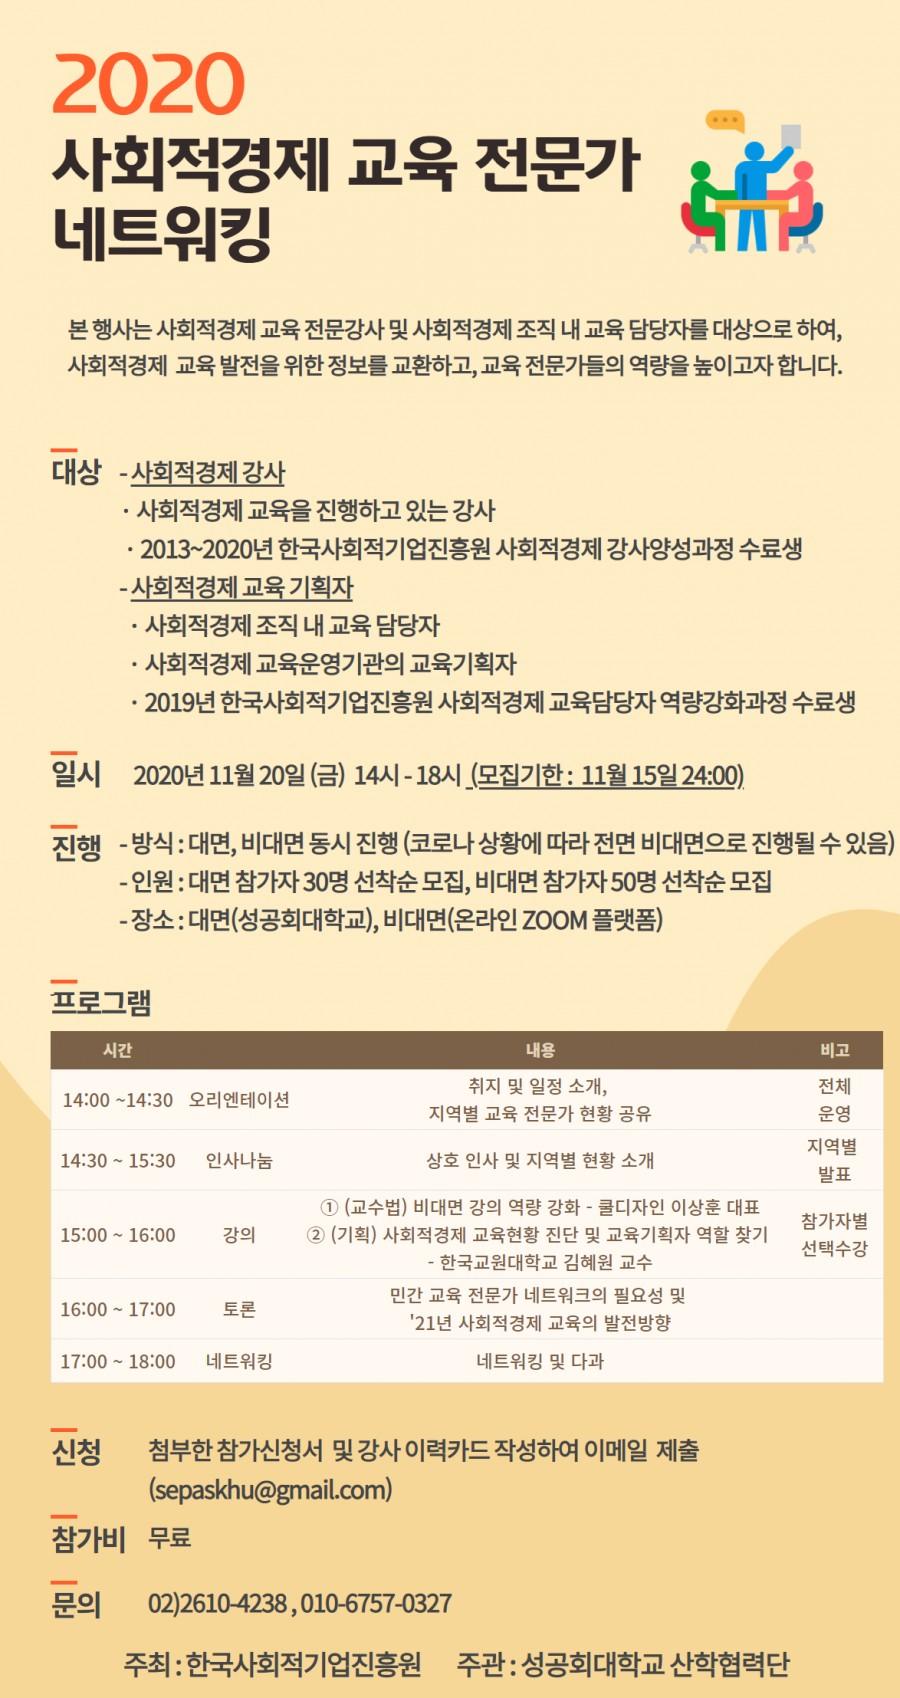 [한국사회적기업진흥원] 2020 사회적경제 교육 전문가 네트워킹